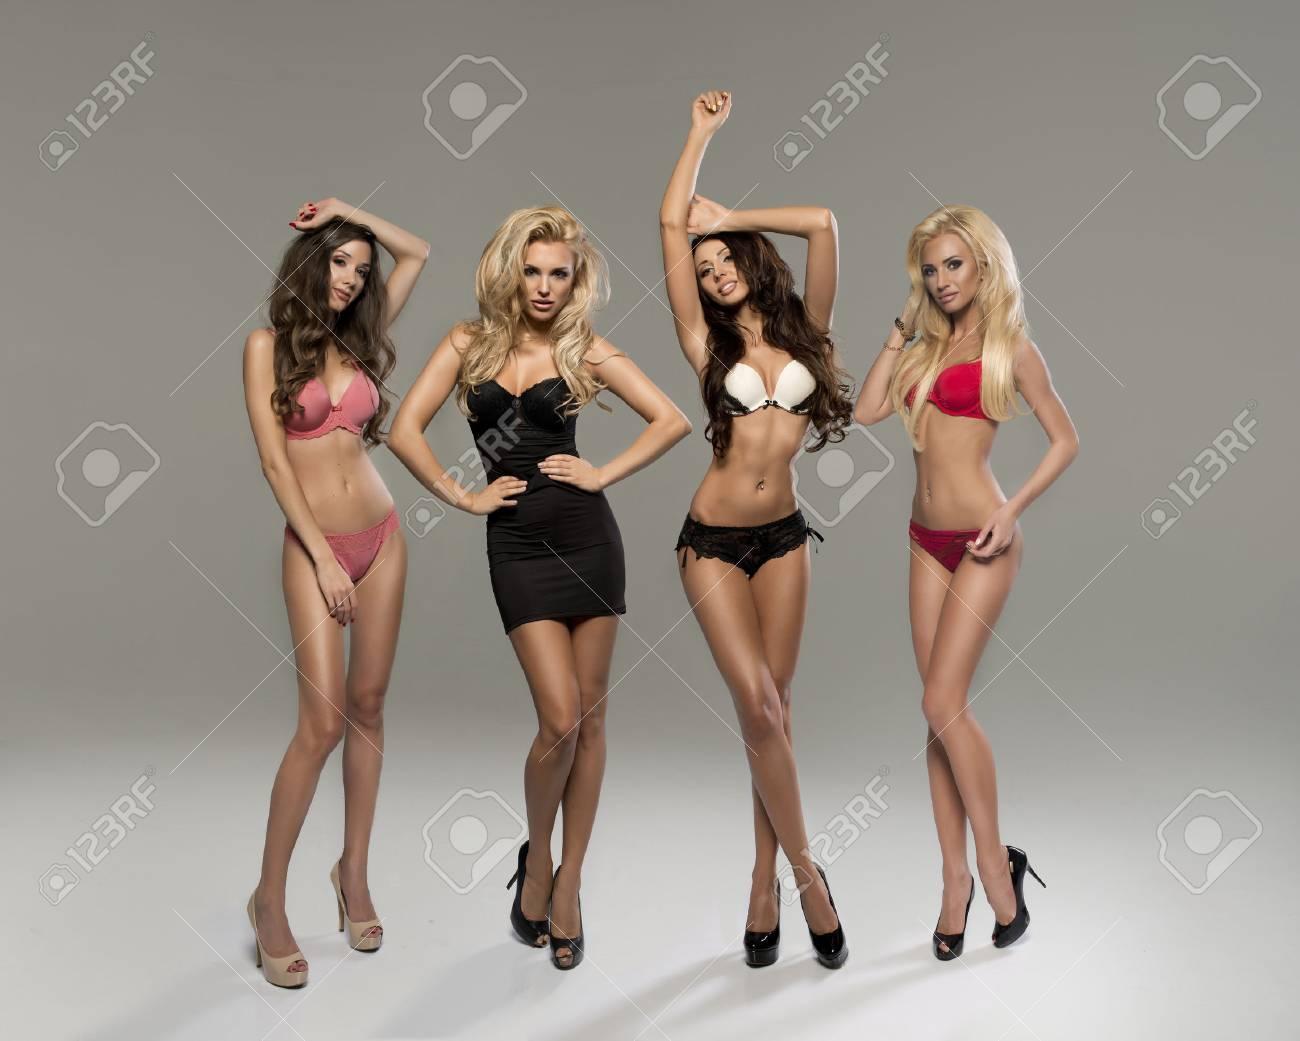 Позы для фото в белье полных девушек